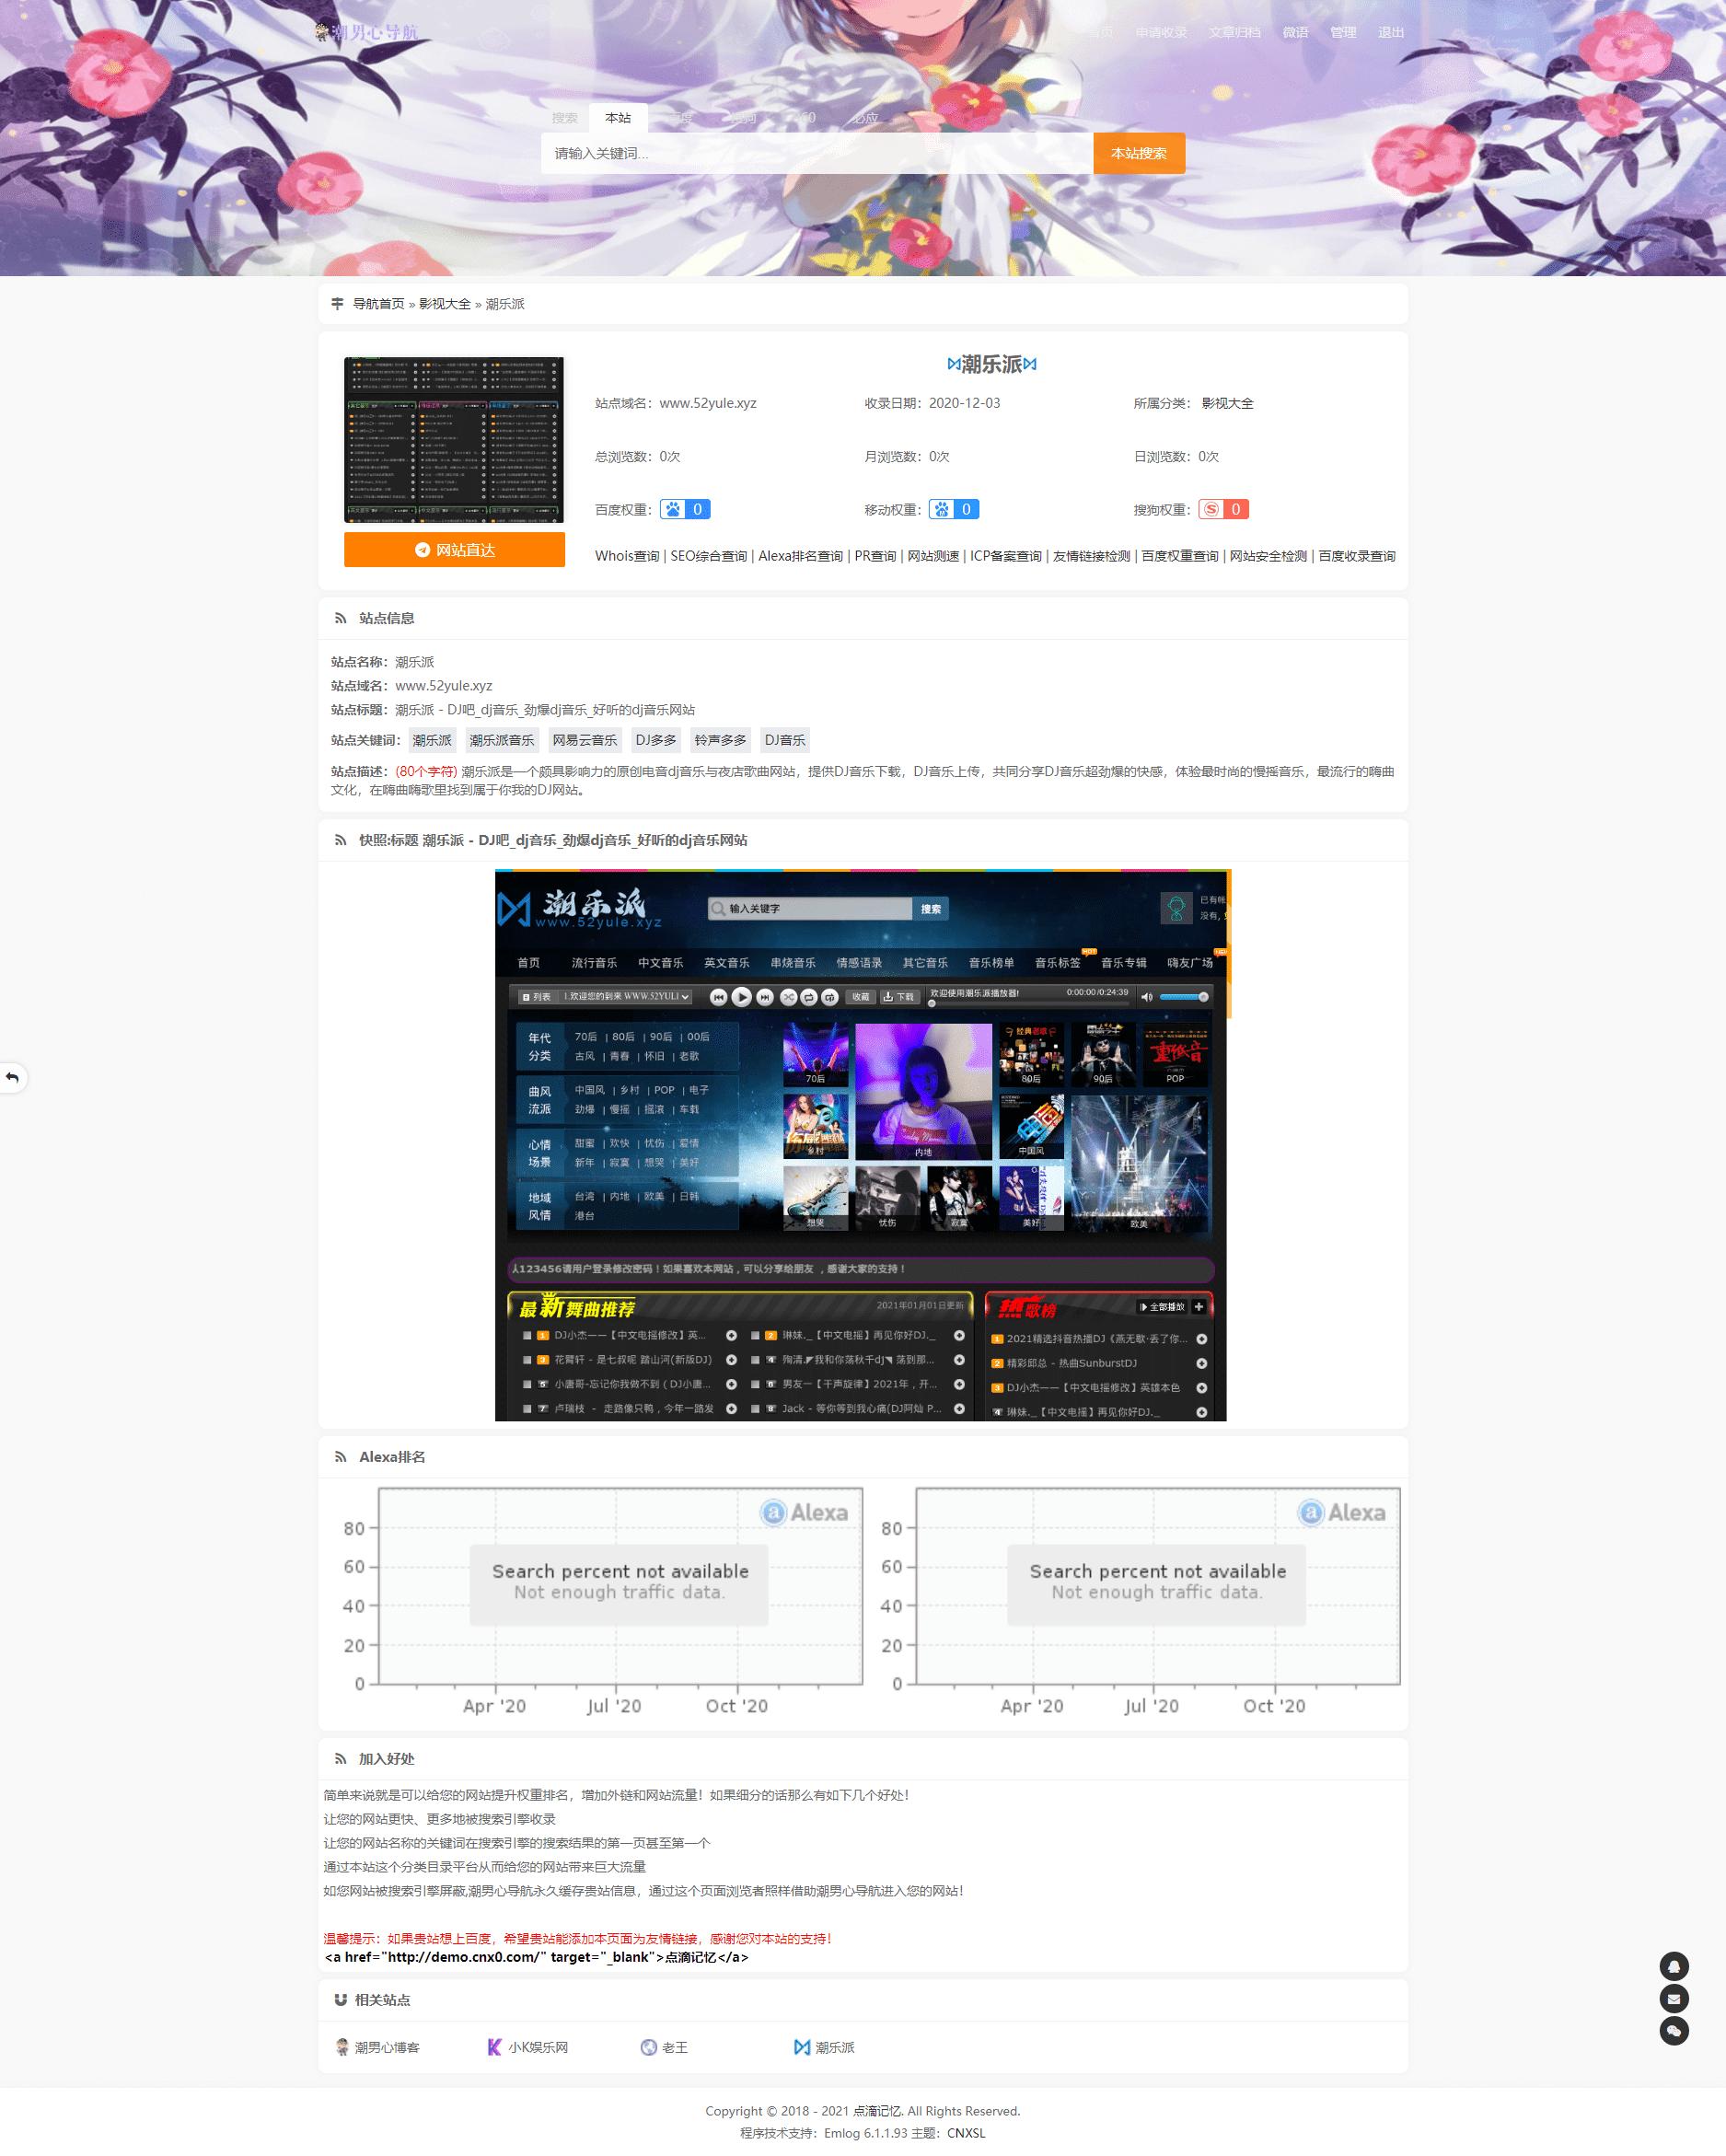 【优选源码】emlog版 收录导航模板 带文章 cnxsl主题1.0-优选源码库